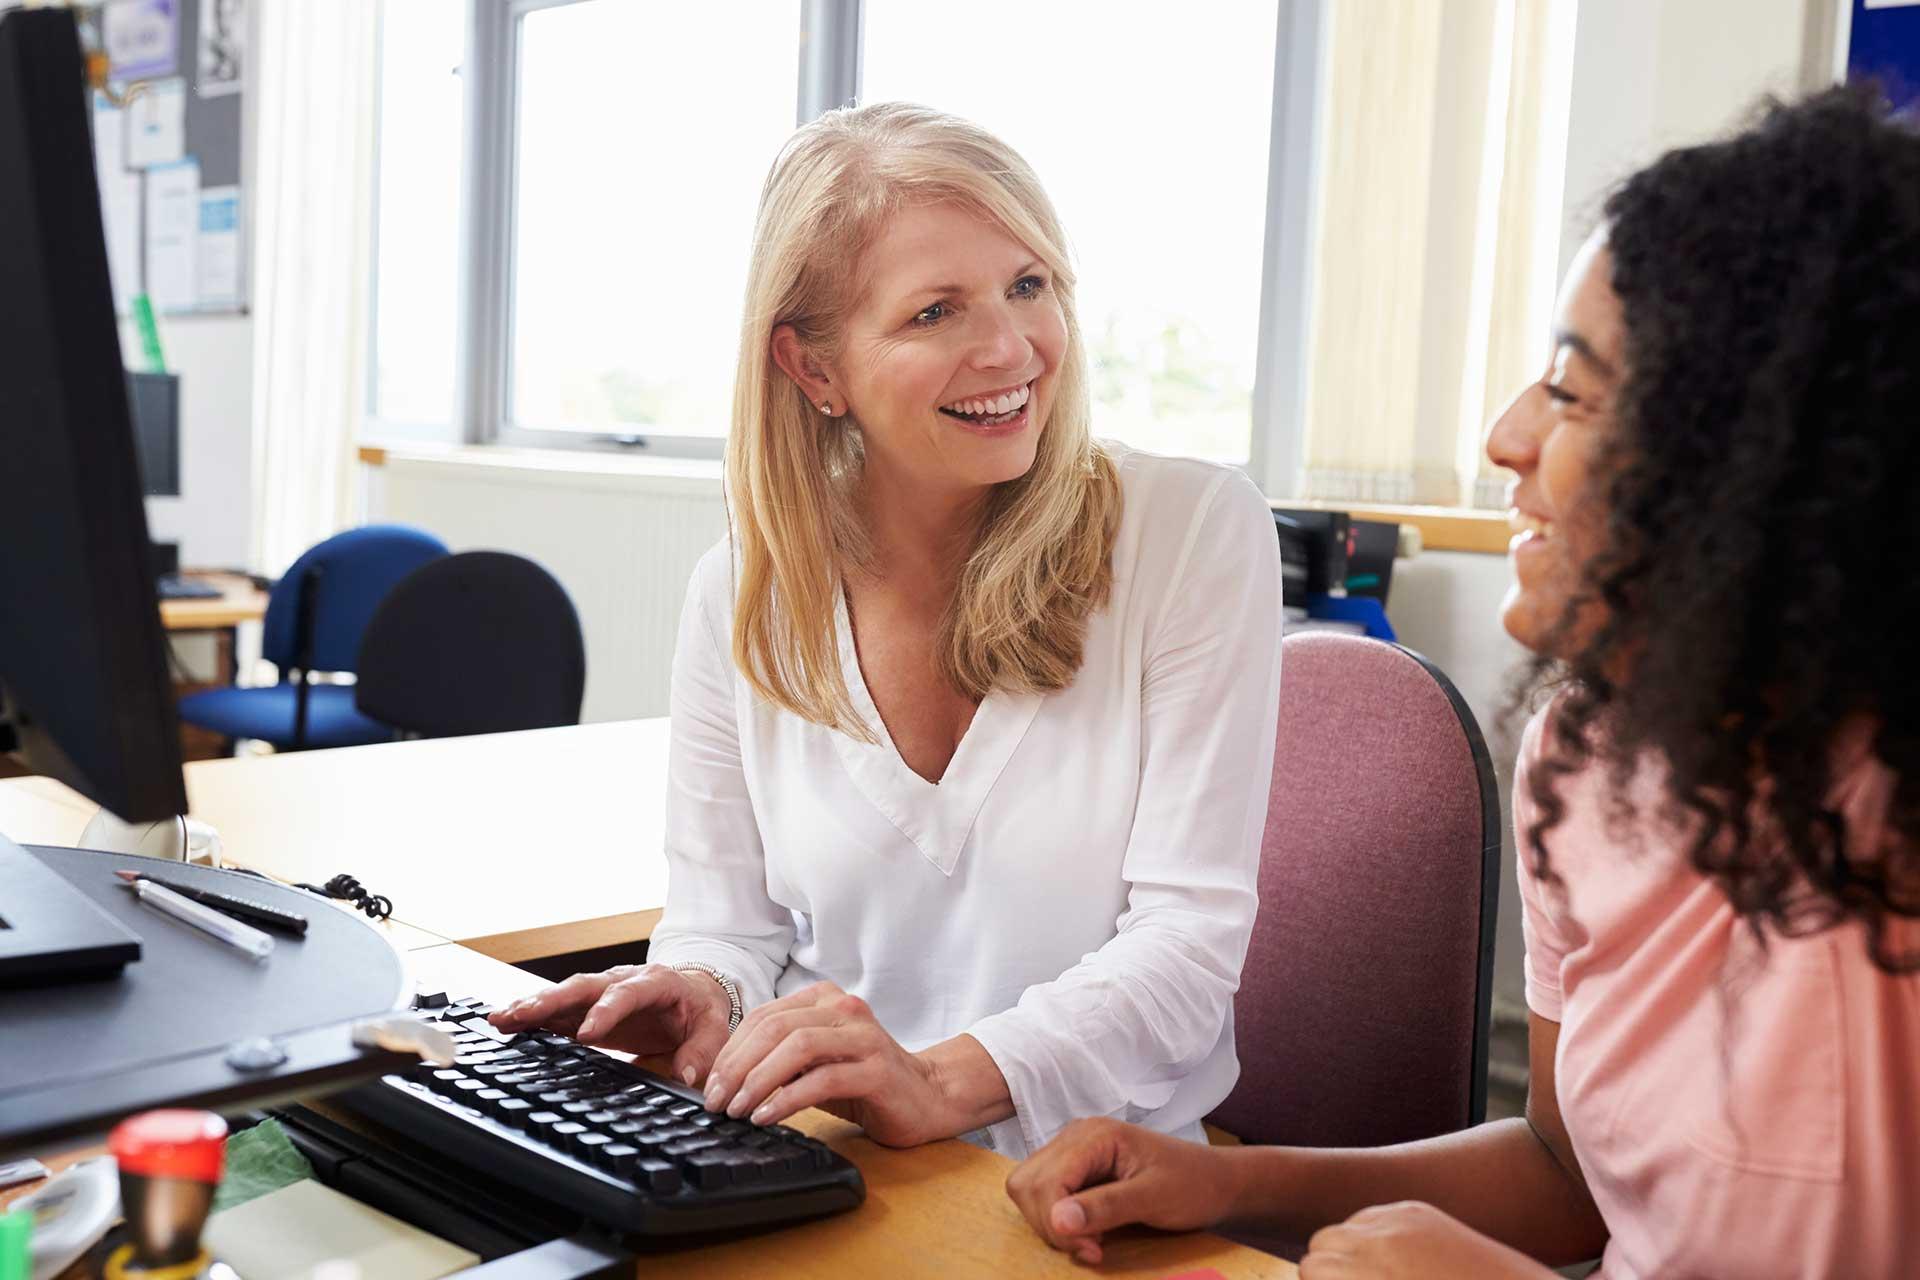 Mentor an Individual Colleague